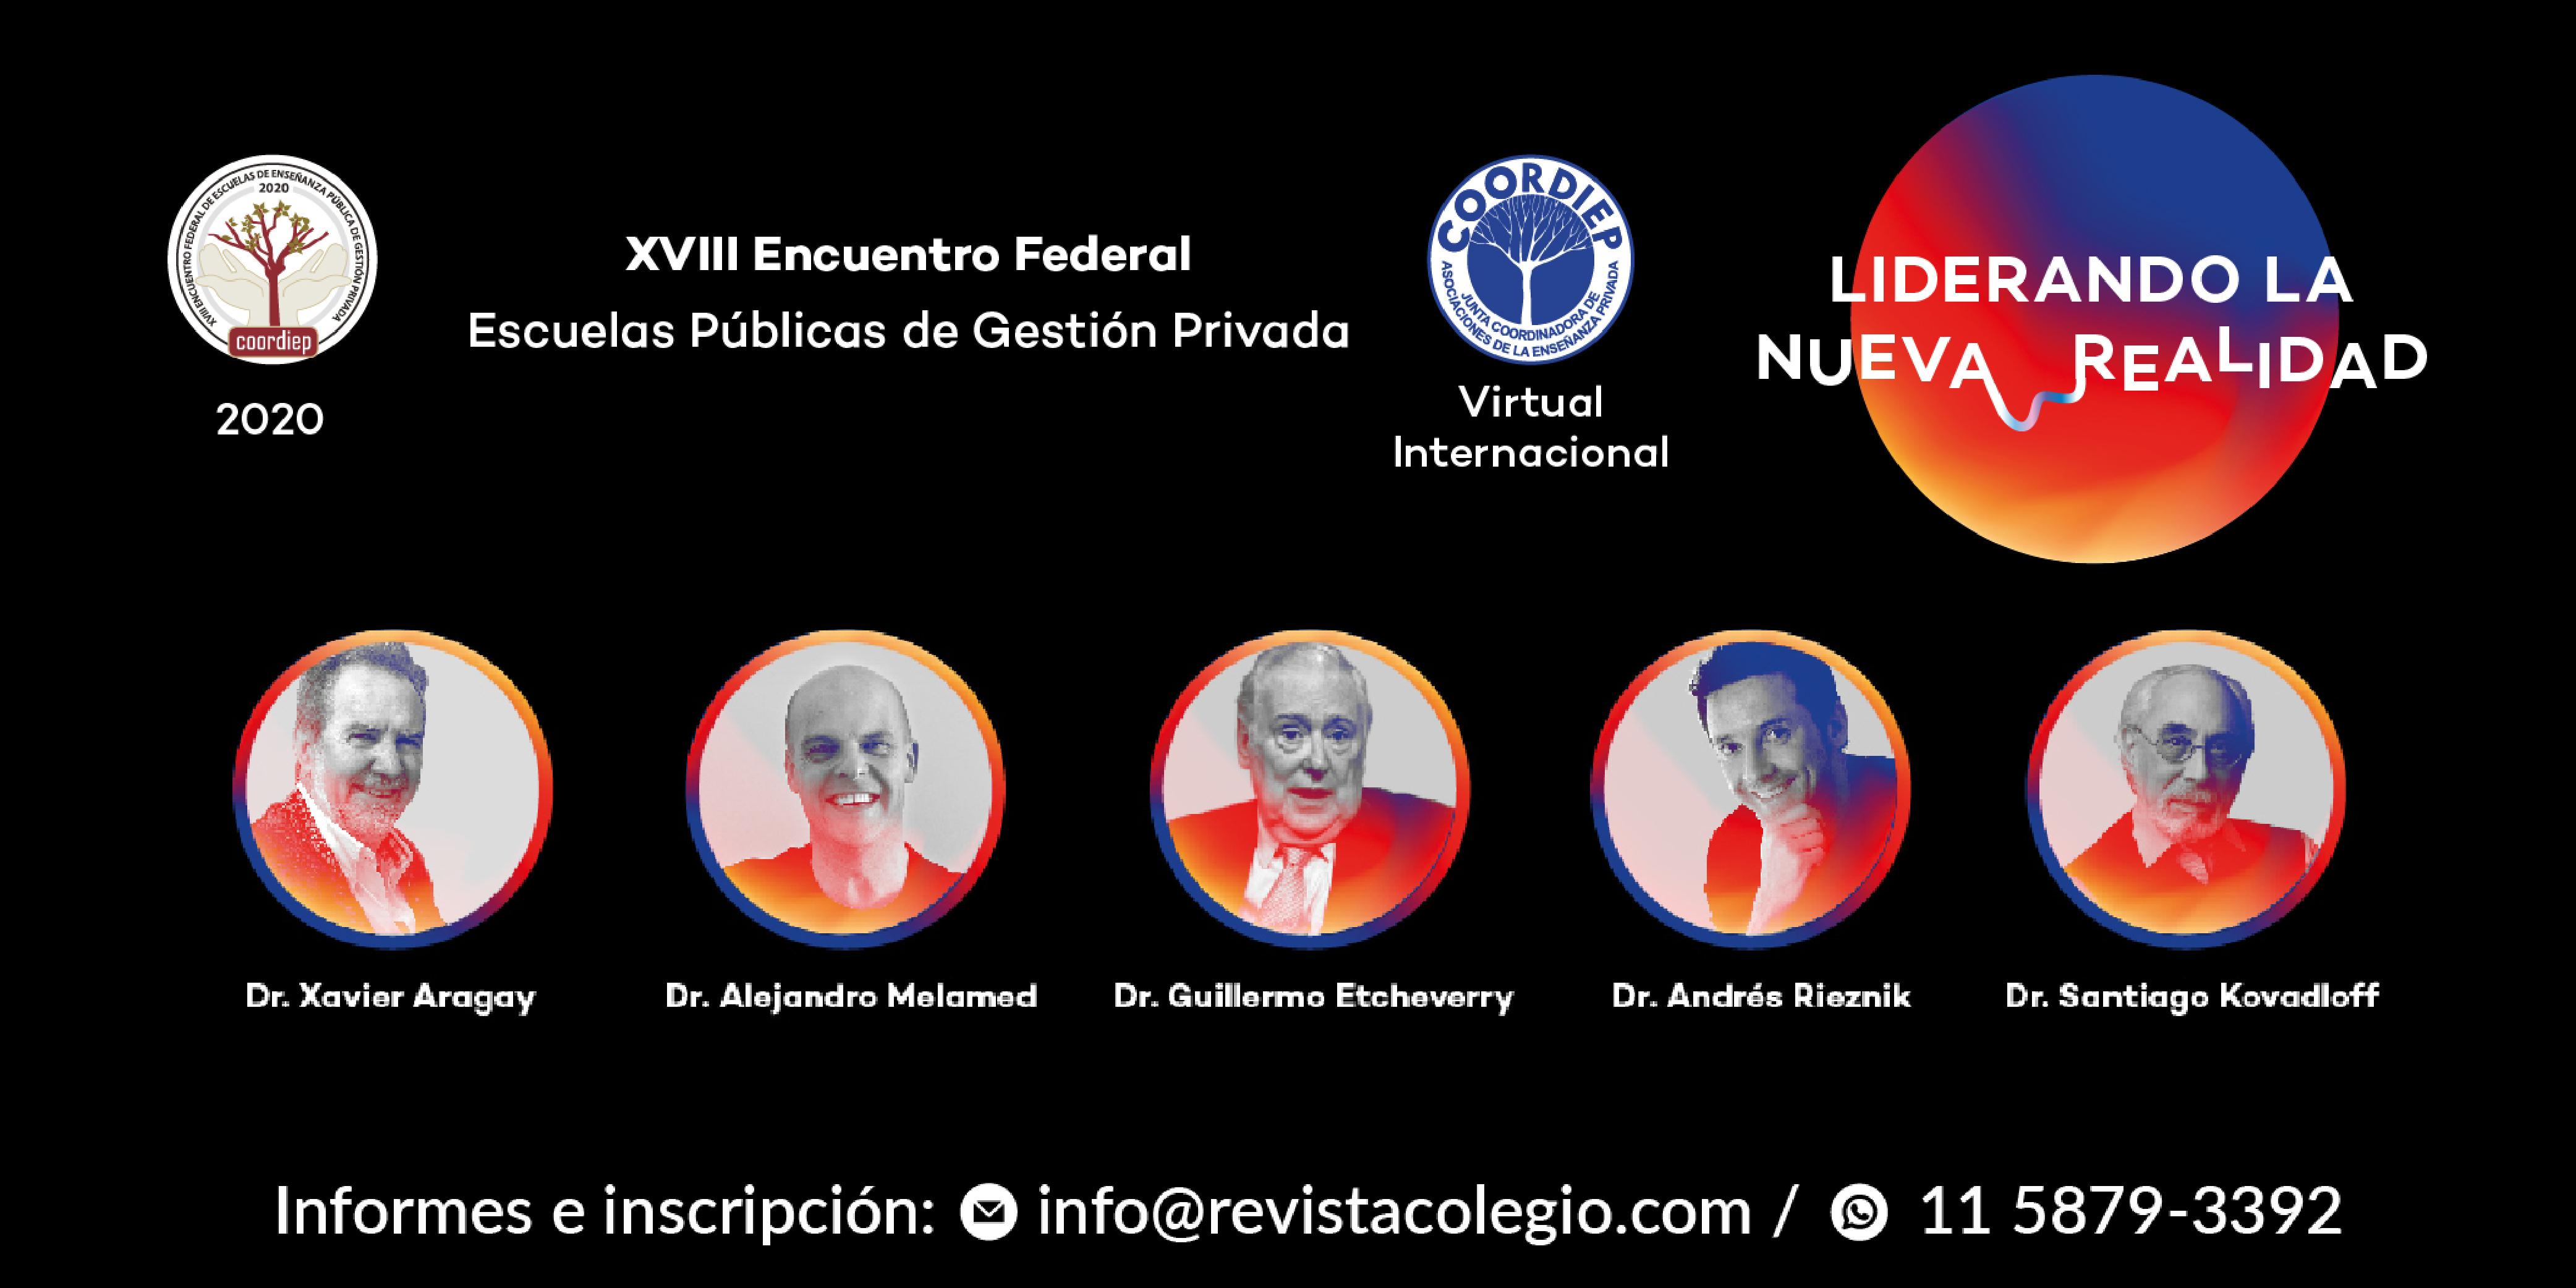 Kovadloff, Jaim Etcheverry, Rieznik y Melamed invitan al XVIII Encuentro de Coordiep